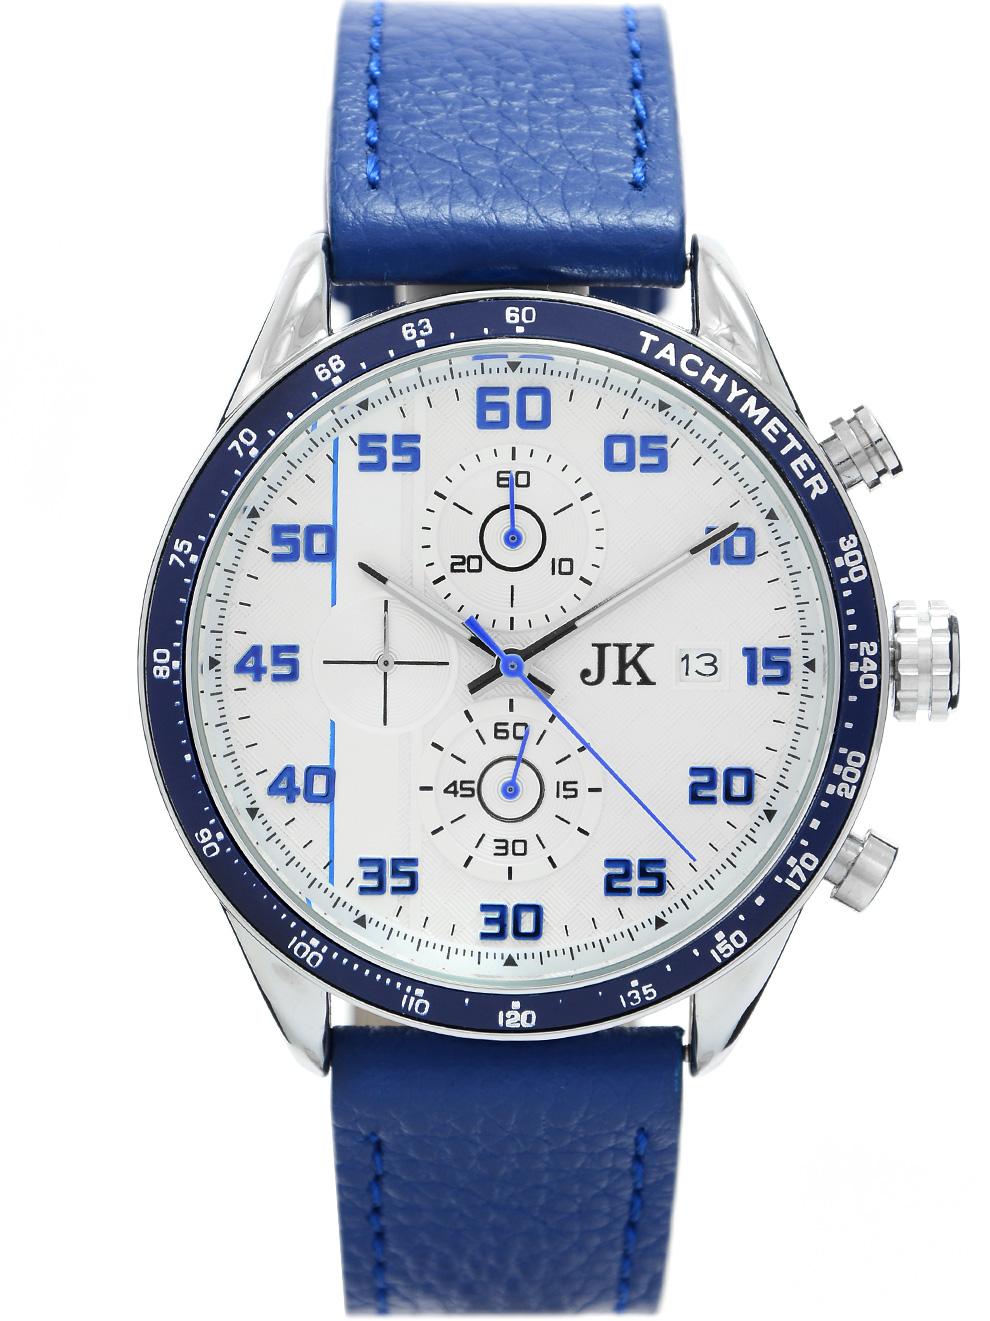 7a022c35fb0 Zegarek męski Jordan Kerr - Chronograf - stoper L105-1A - alleTime